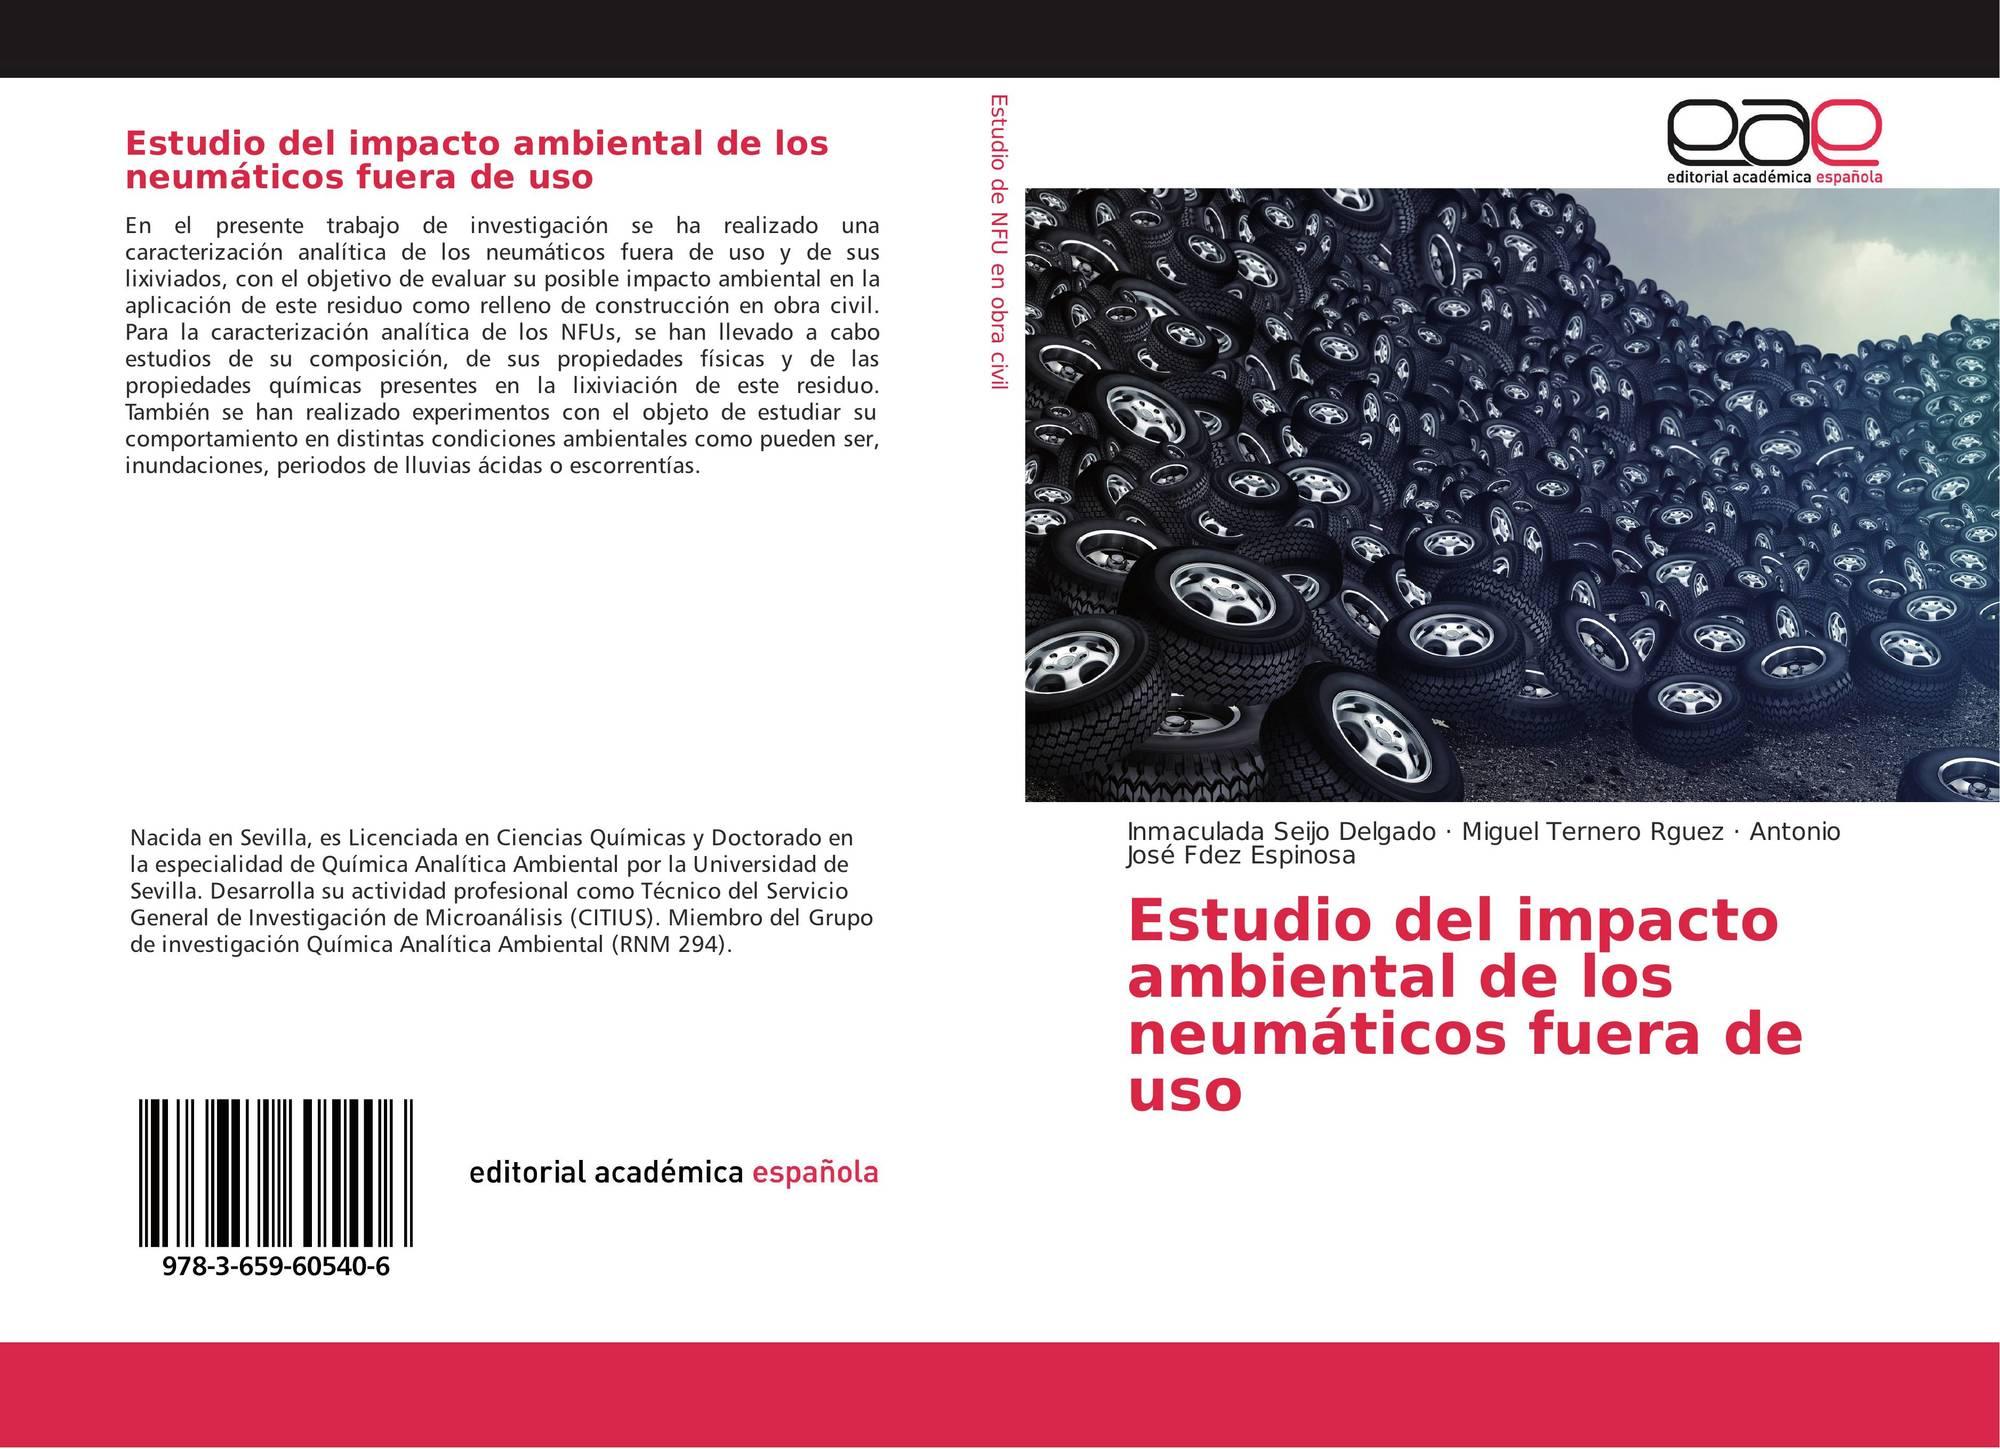 Estudio del impacto ambiental de los neum ticos fuera de for Neumaticos fuera de uso